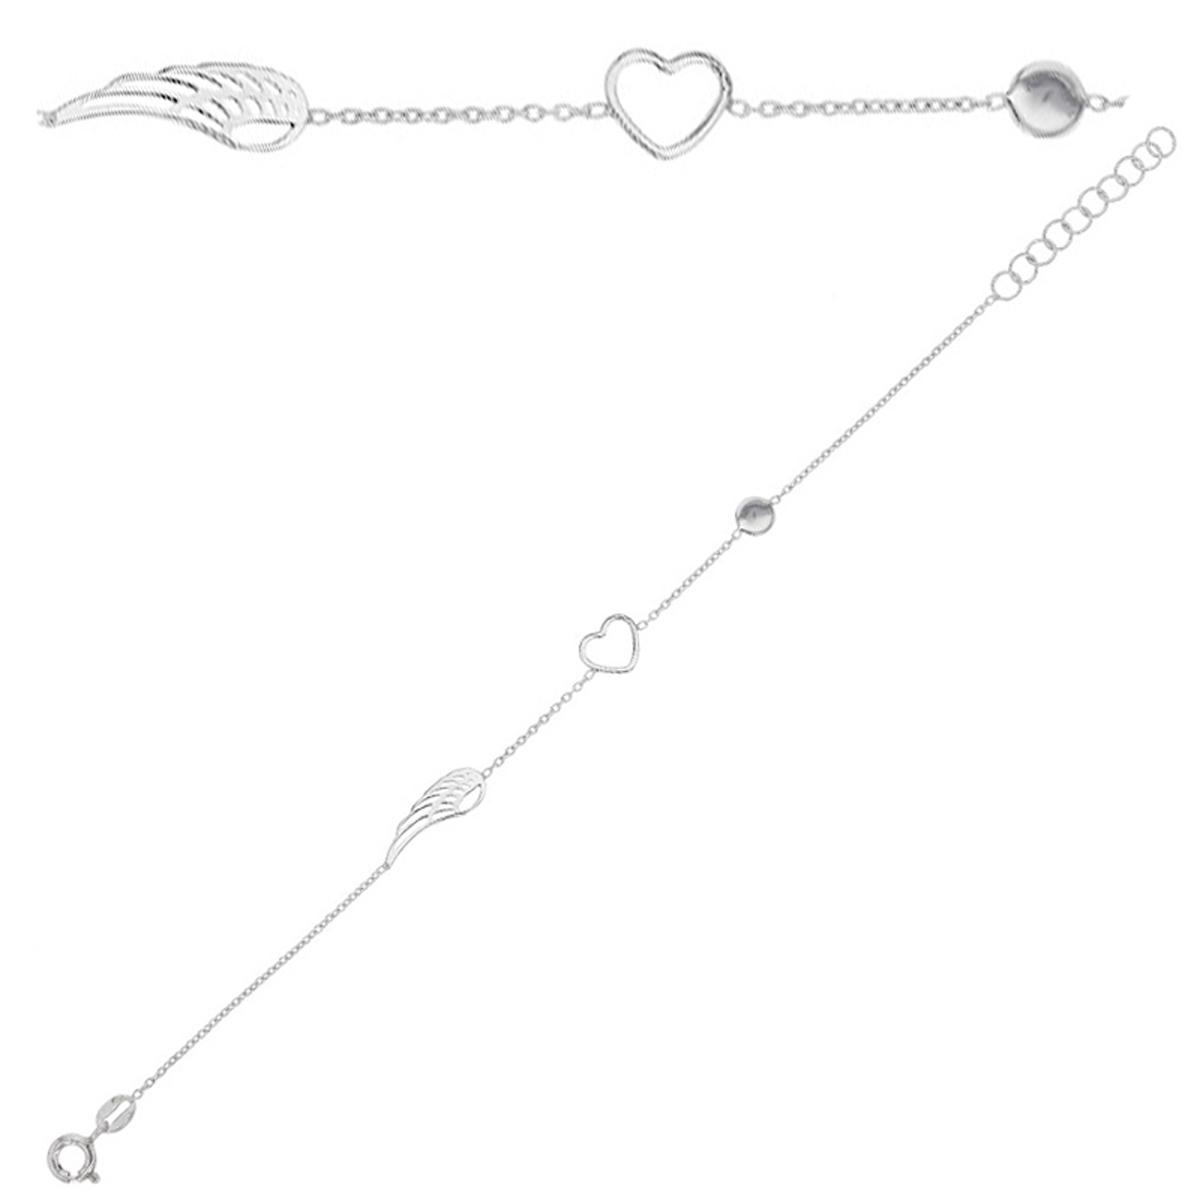 Bracelet Argent artisanal \'Les Ailes d\'Amour\' argenté (rhodié) - aile 17x5 mm - [Q9360]